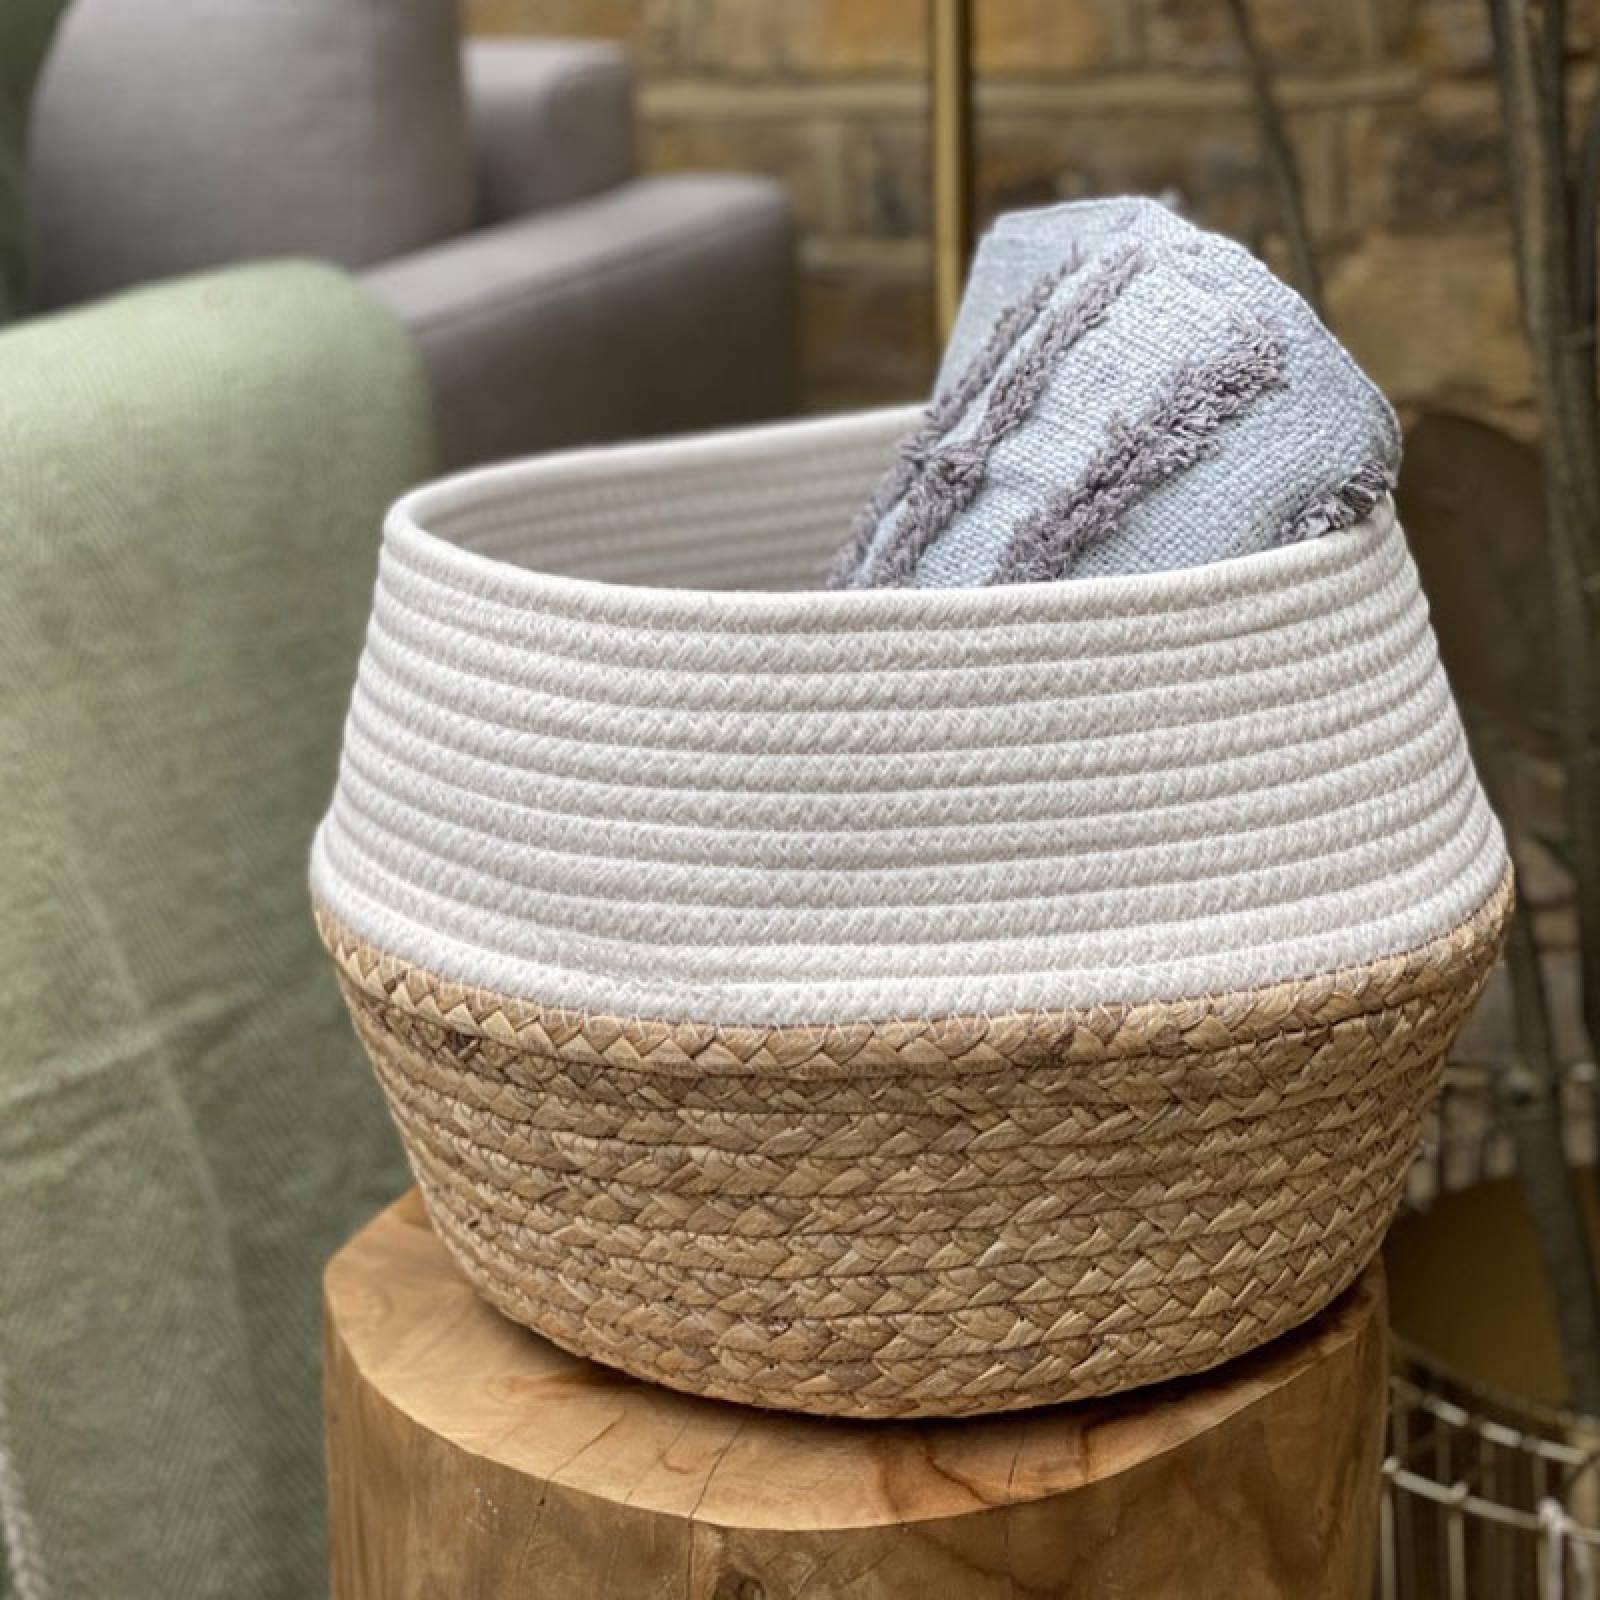 White Dip Rope & Grass Basket thumbnails